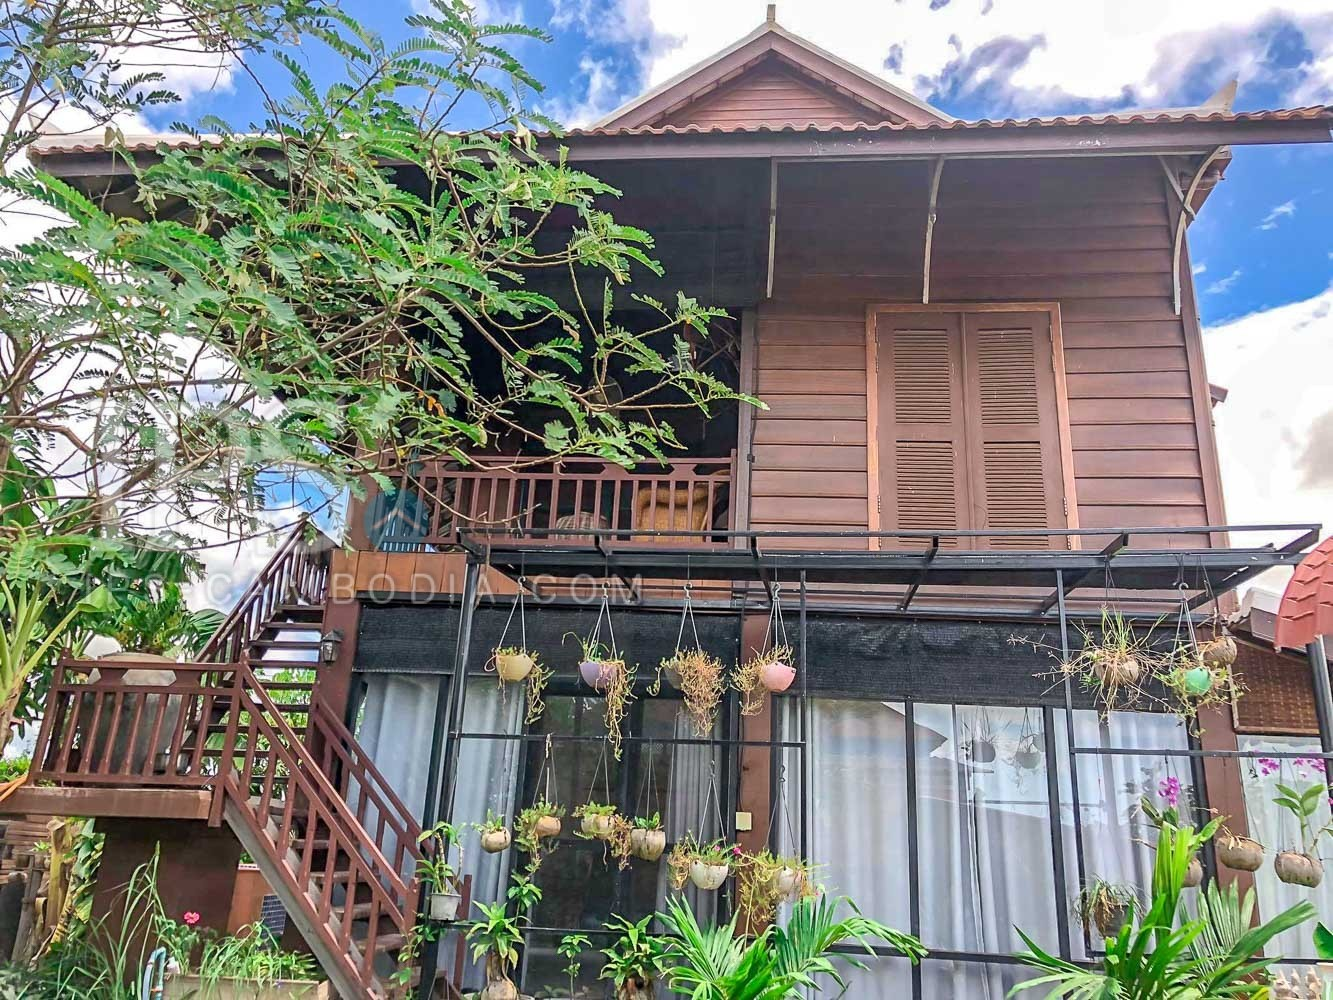 3 Bedroom House For Sale - Svay Dangkum, Siem Reap